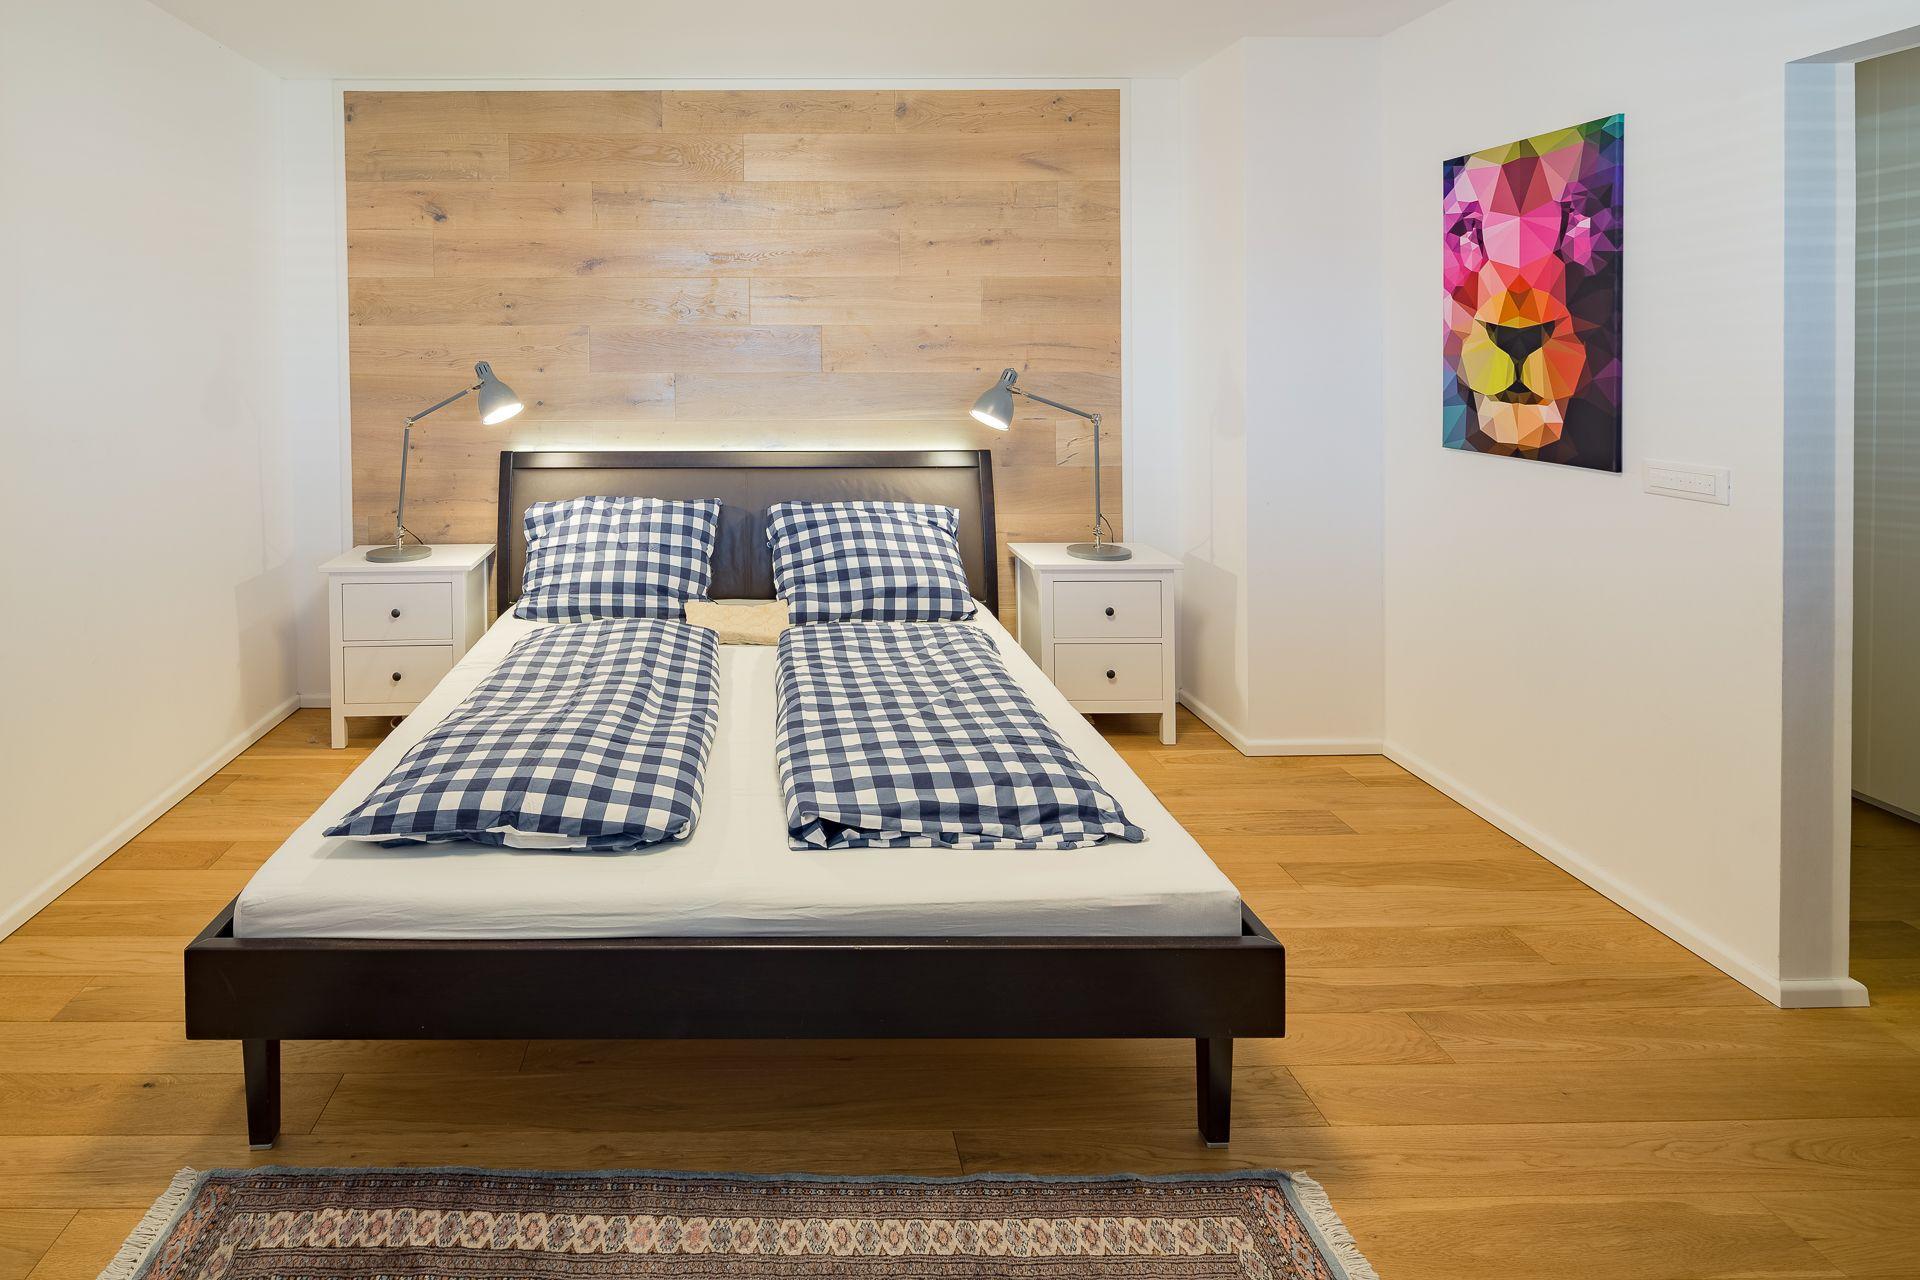 Schlafzimmer Mit Holzwand Hinter Dem Bett Und Ausdruckstarkem Bild